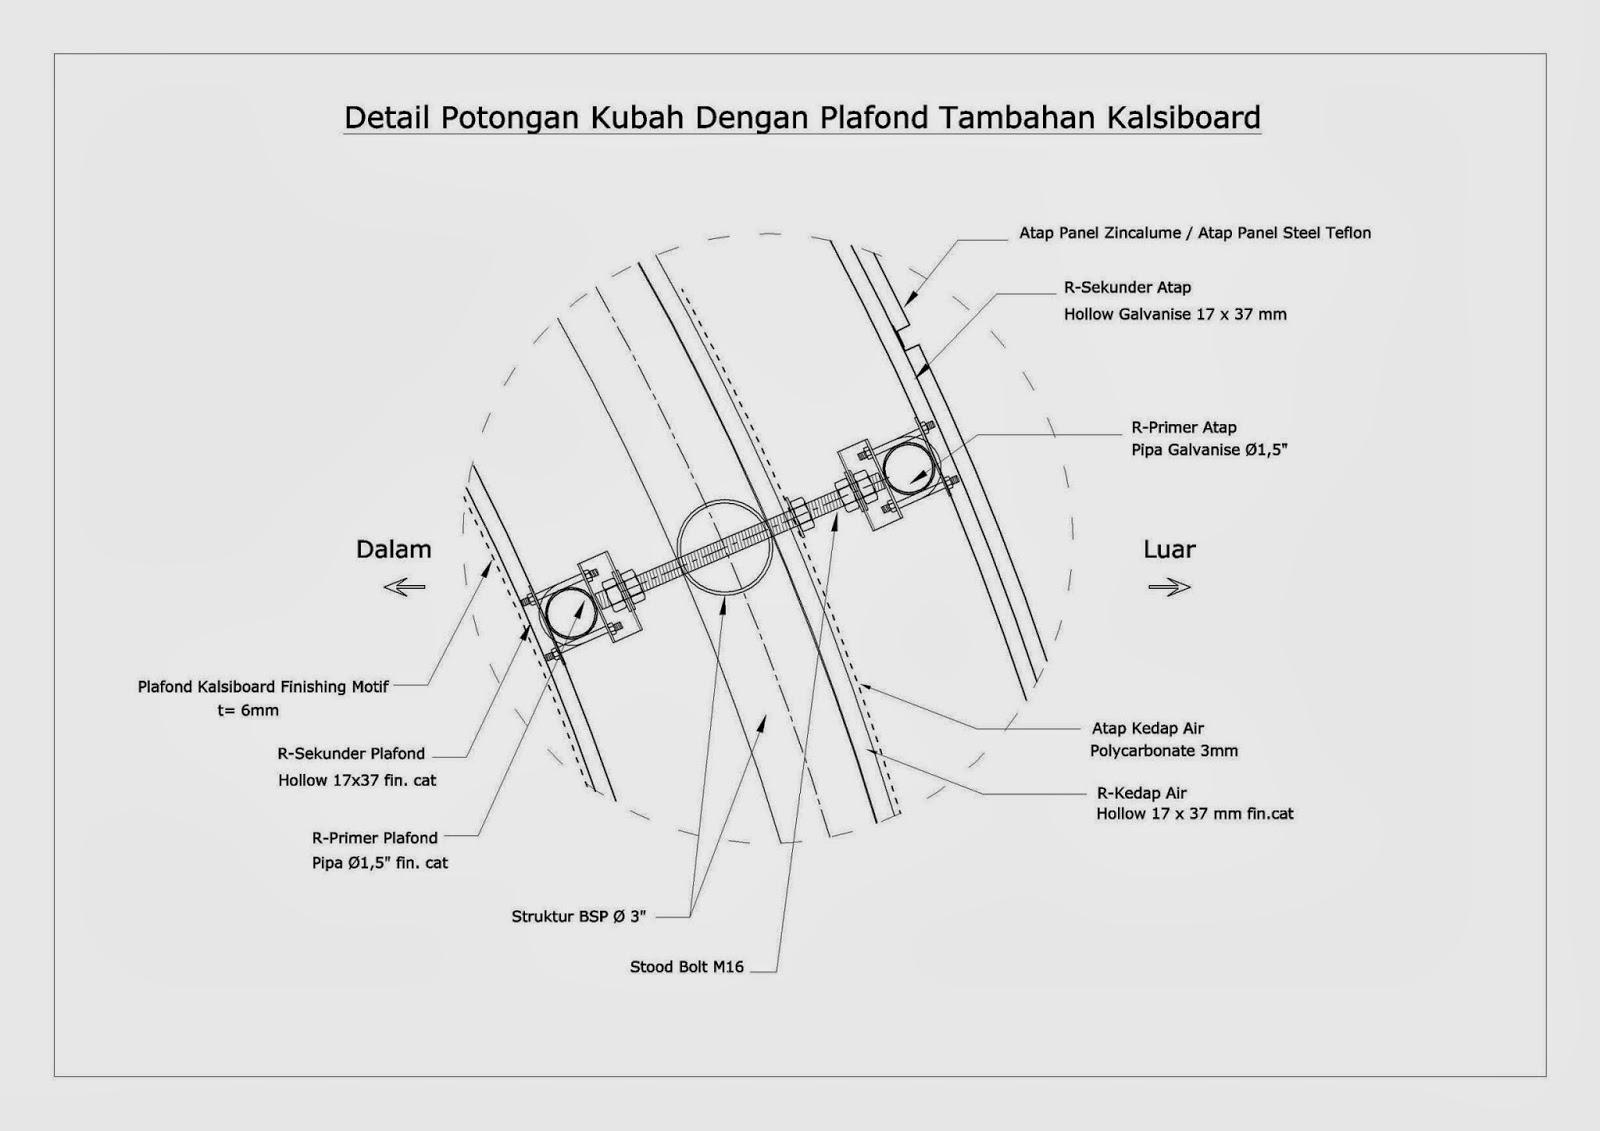 kubah,masjid,ename,galvalum,pipa,konstruksi,hollow,detail,spesifikasi,bahan,material,harga